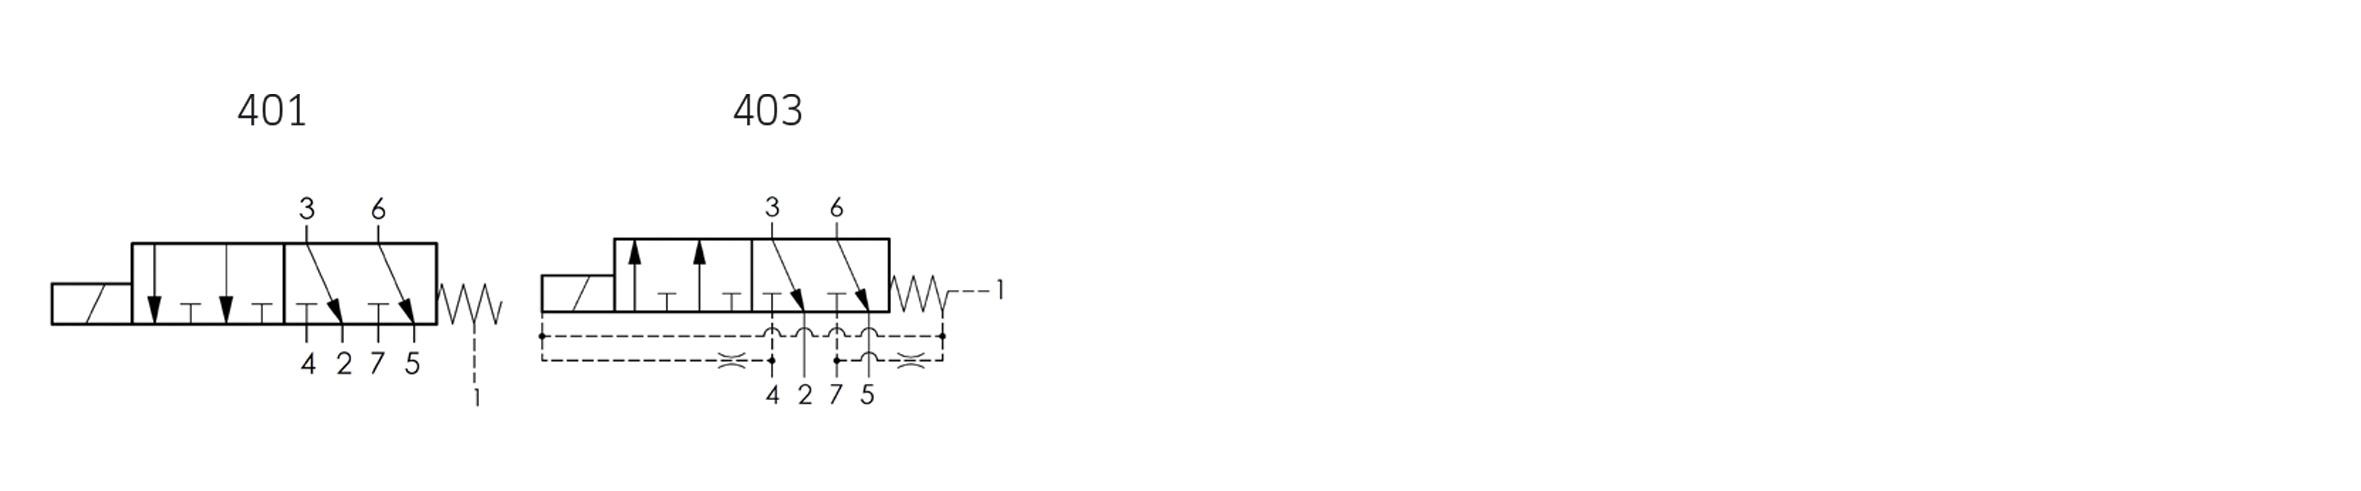 Fein Schaltsymbol Bilder - Der Schaltplan - triangre.info